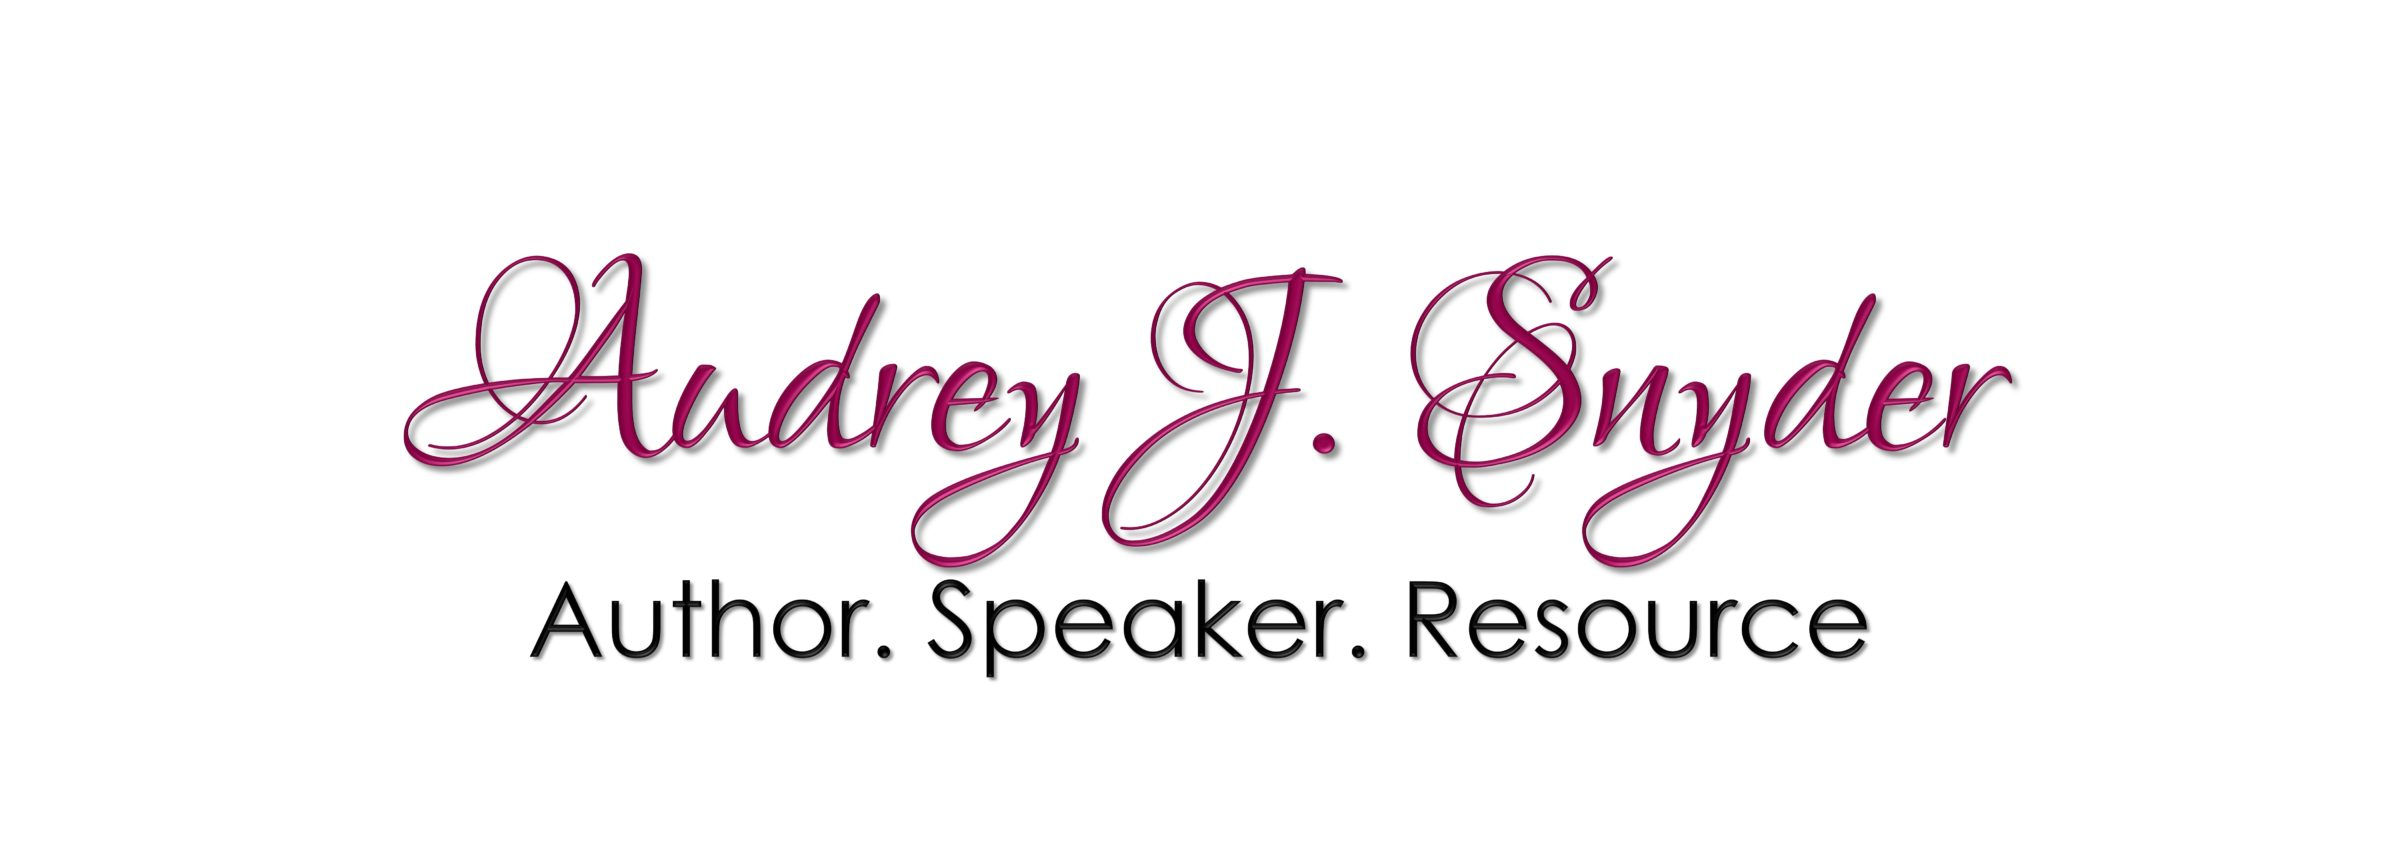 Audrey J. Snyder